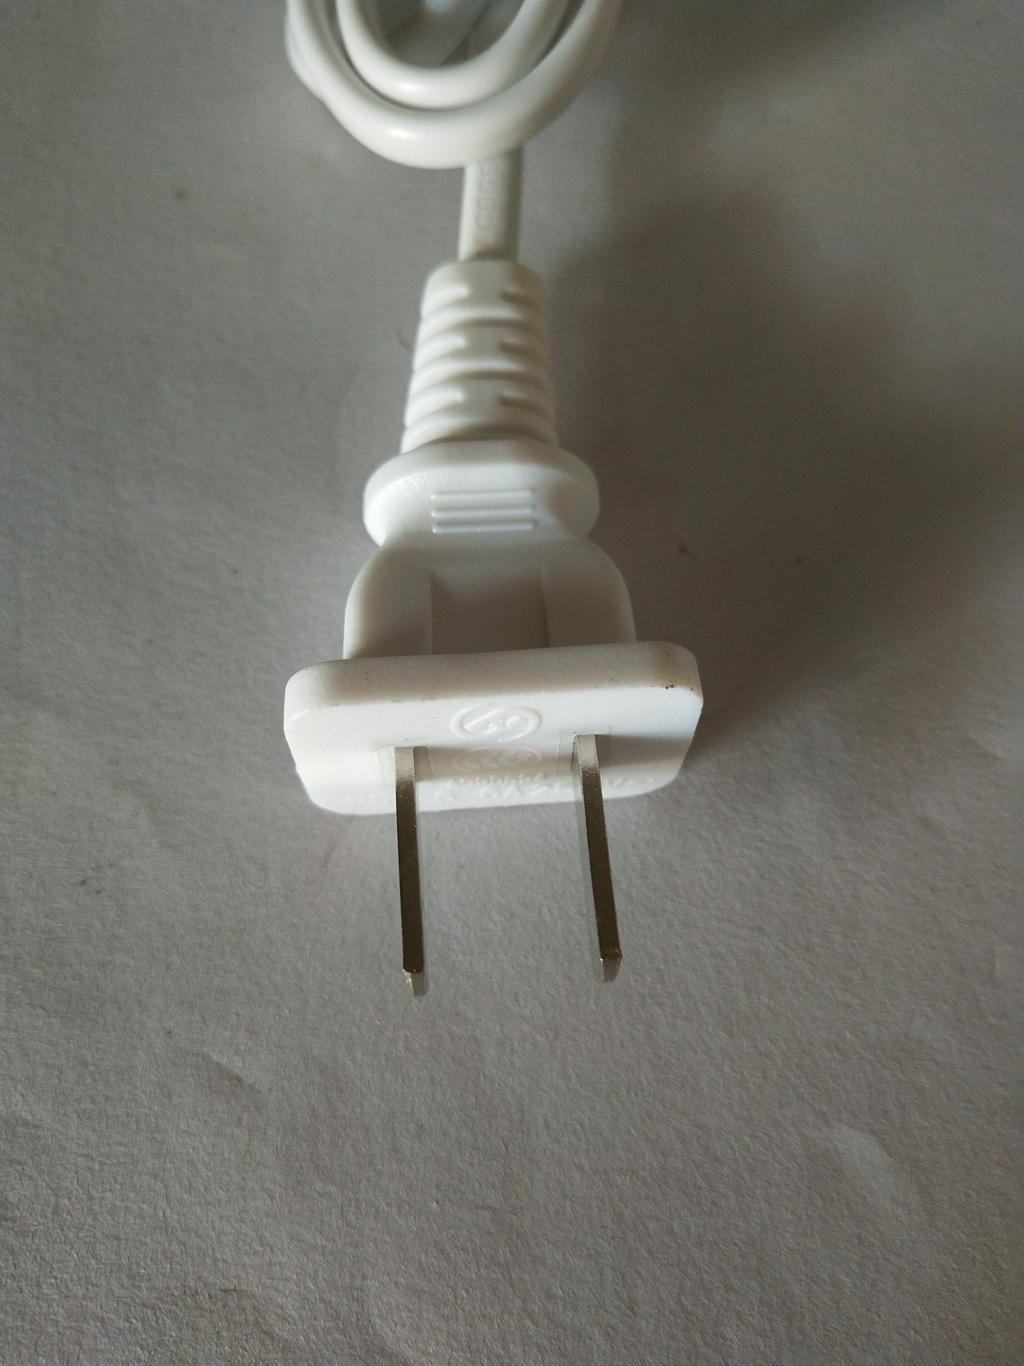 电源线,弹簧线生产厂家,质量保证,价格优惠